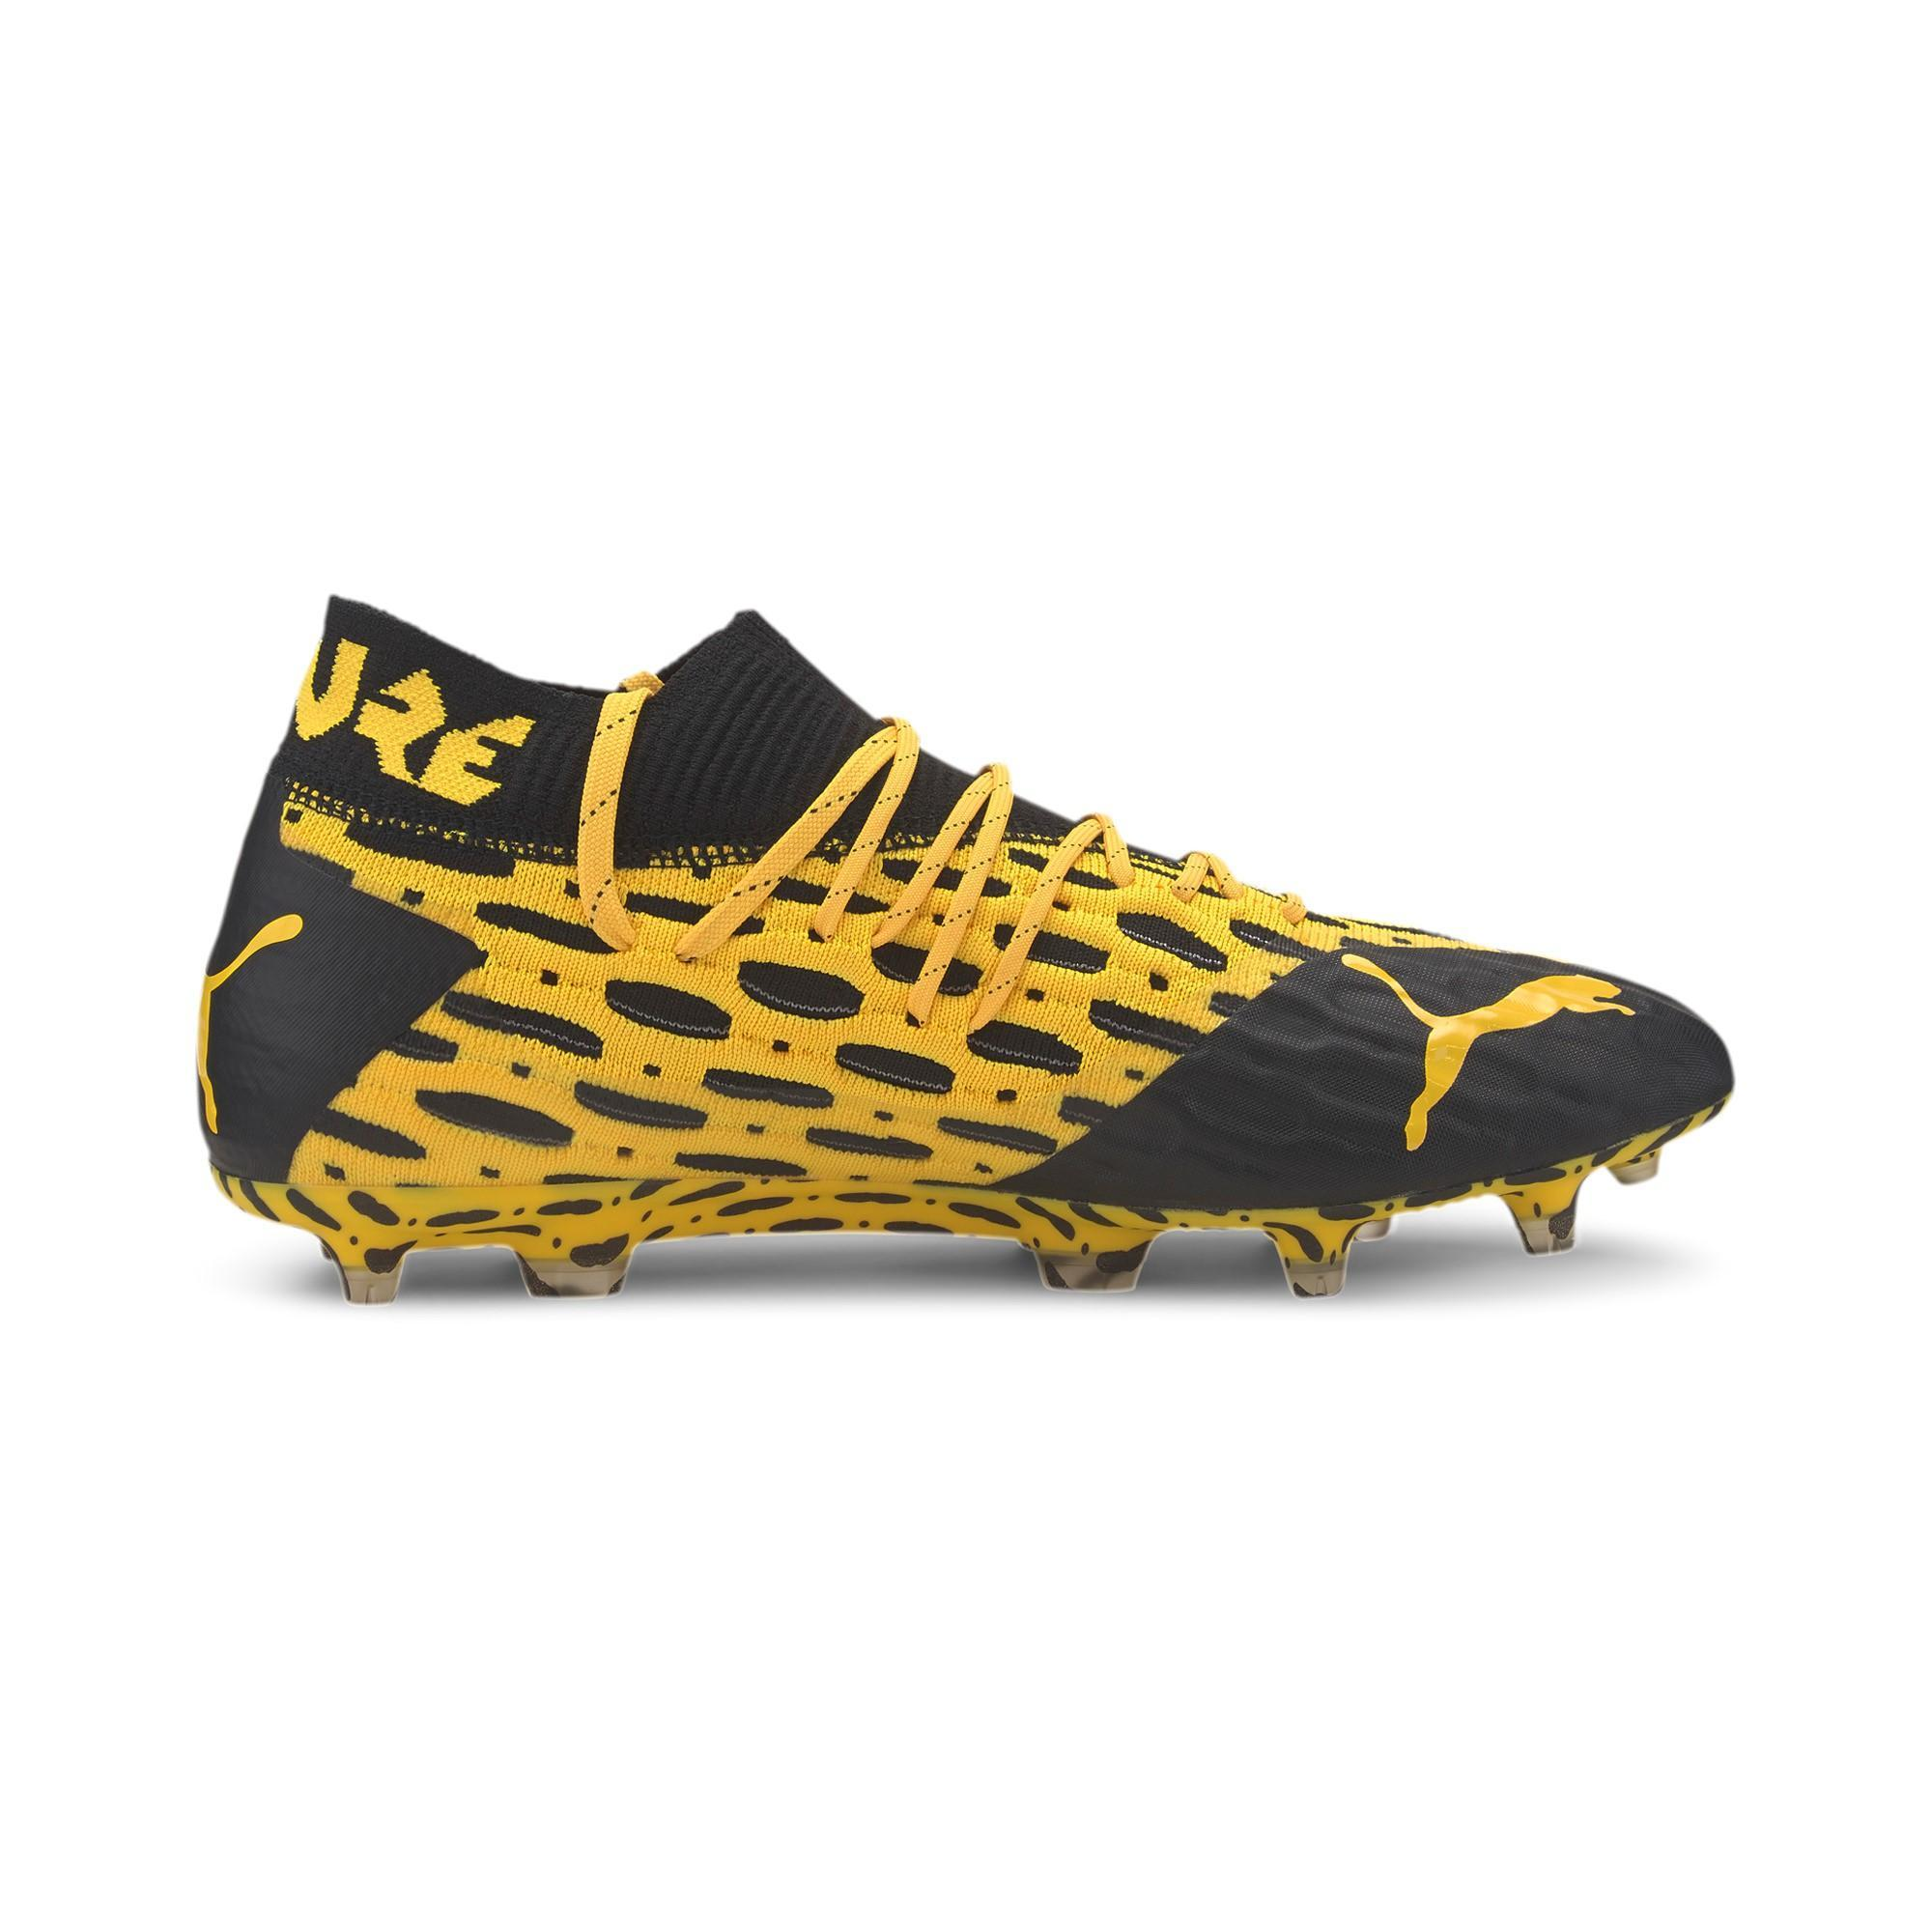 Puma Scarpe Calcio Future 5.1 Netfit Fg